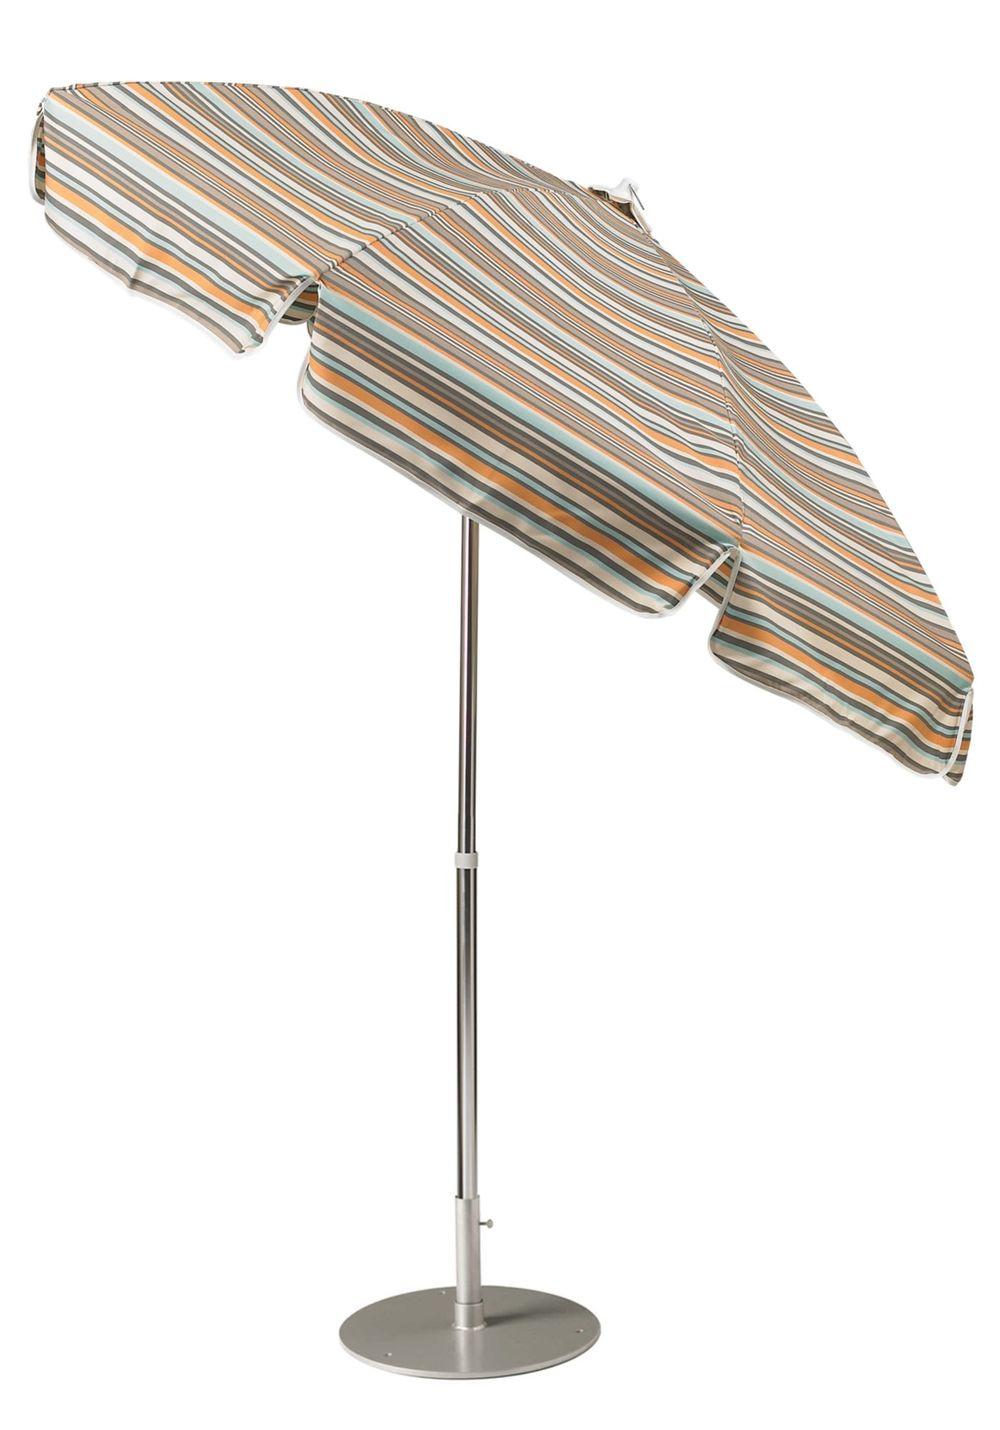 Tropitone Furniture - 7.5' Market Push Button Tilt, Manual Lift